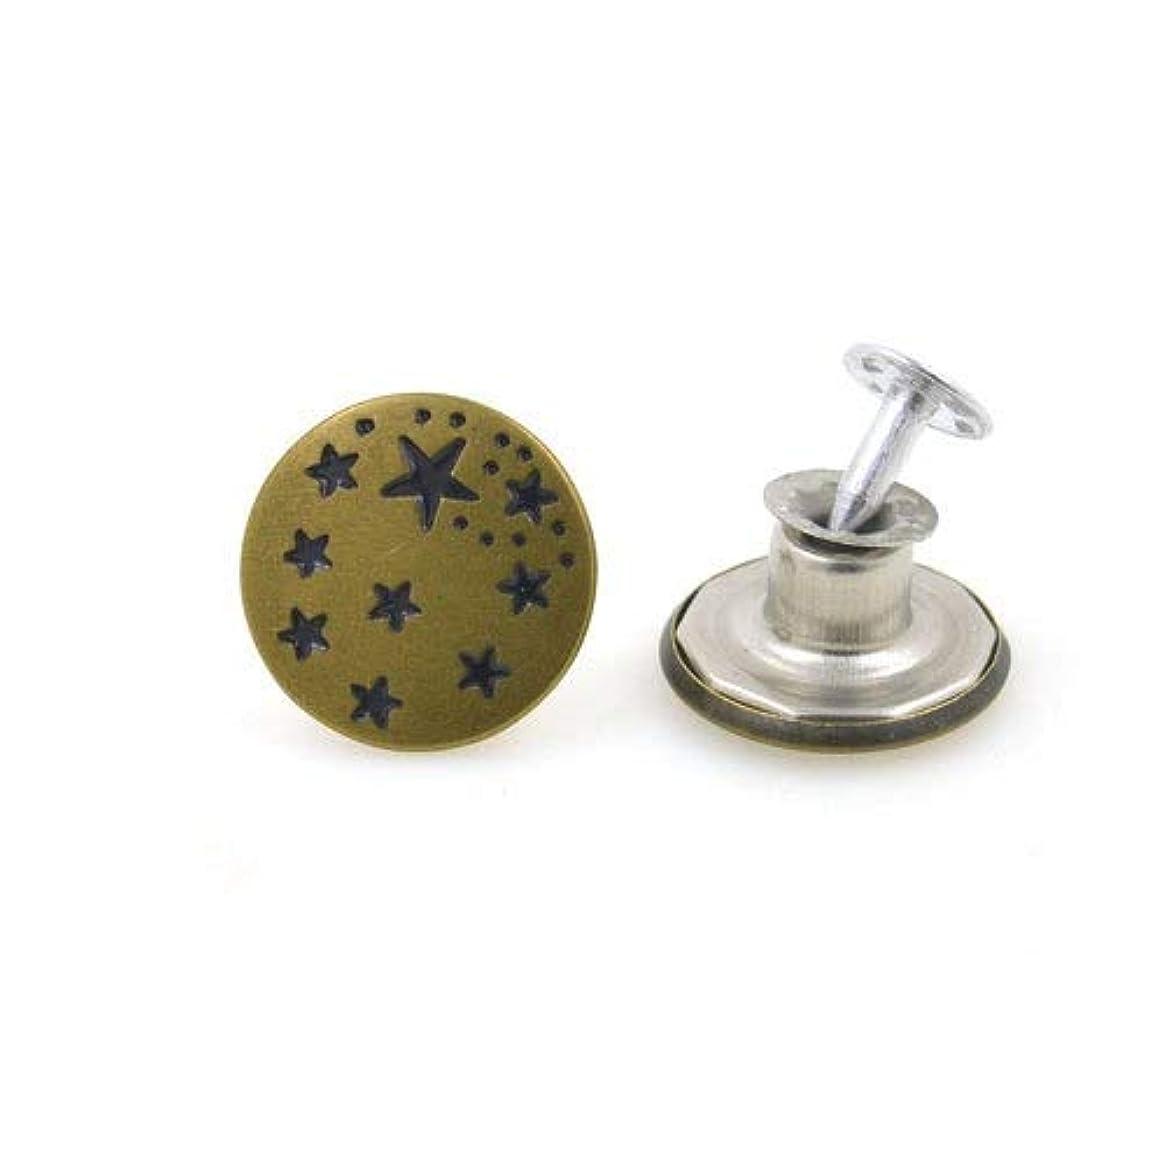 Jicorzo - 服accseeories手作り[Type12]を縫製衣服のズボンのための10sets /ロット17ミリメートルブロンズファッション金属ジーンズボタンシャンクボタン